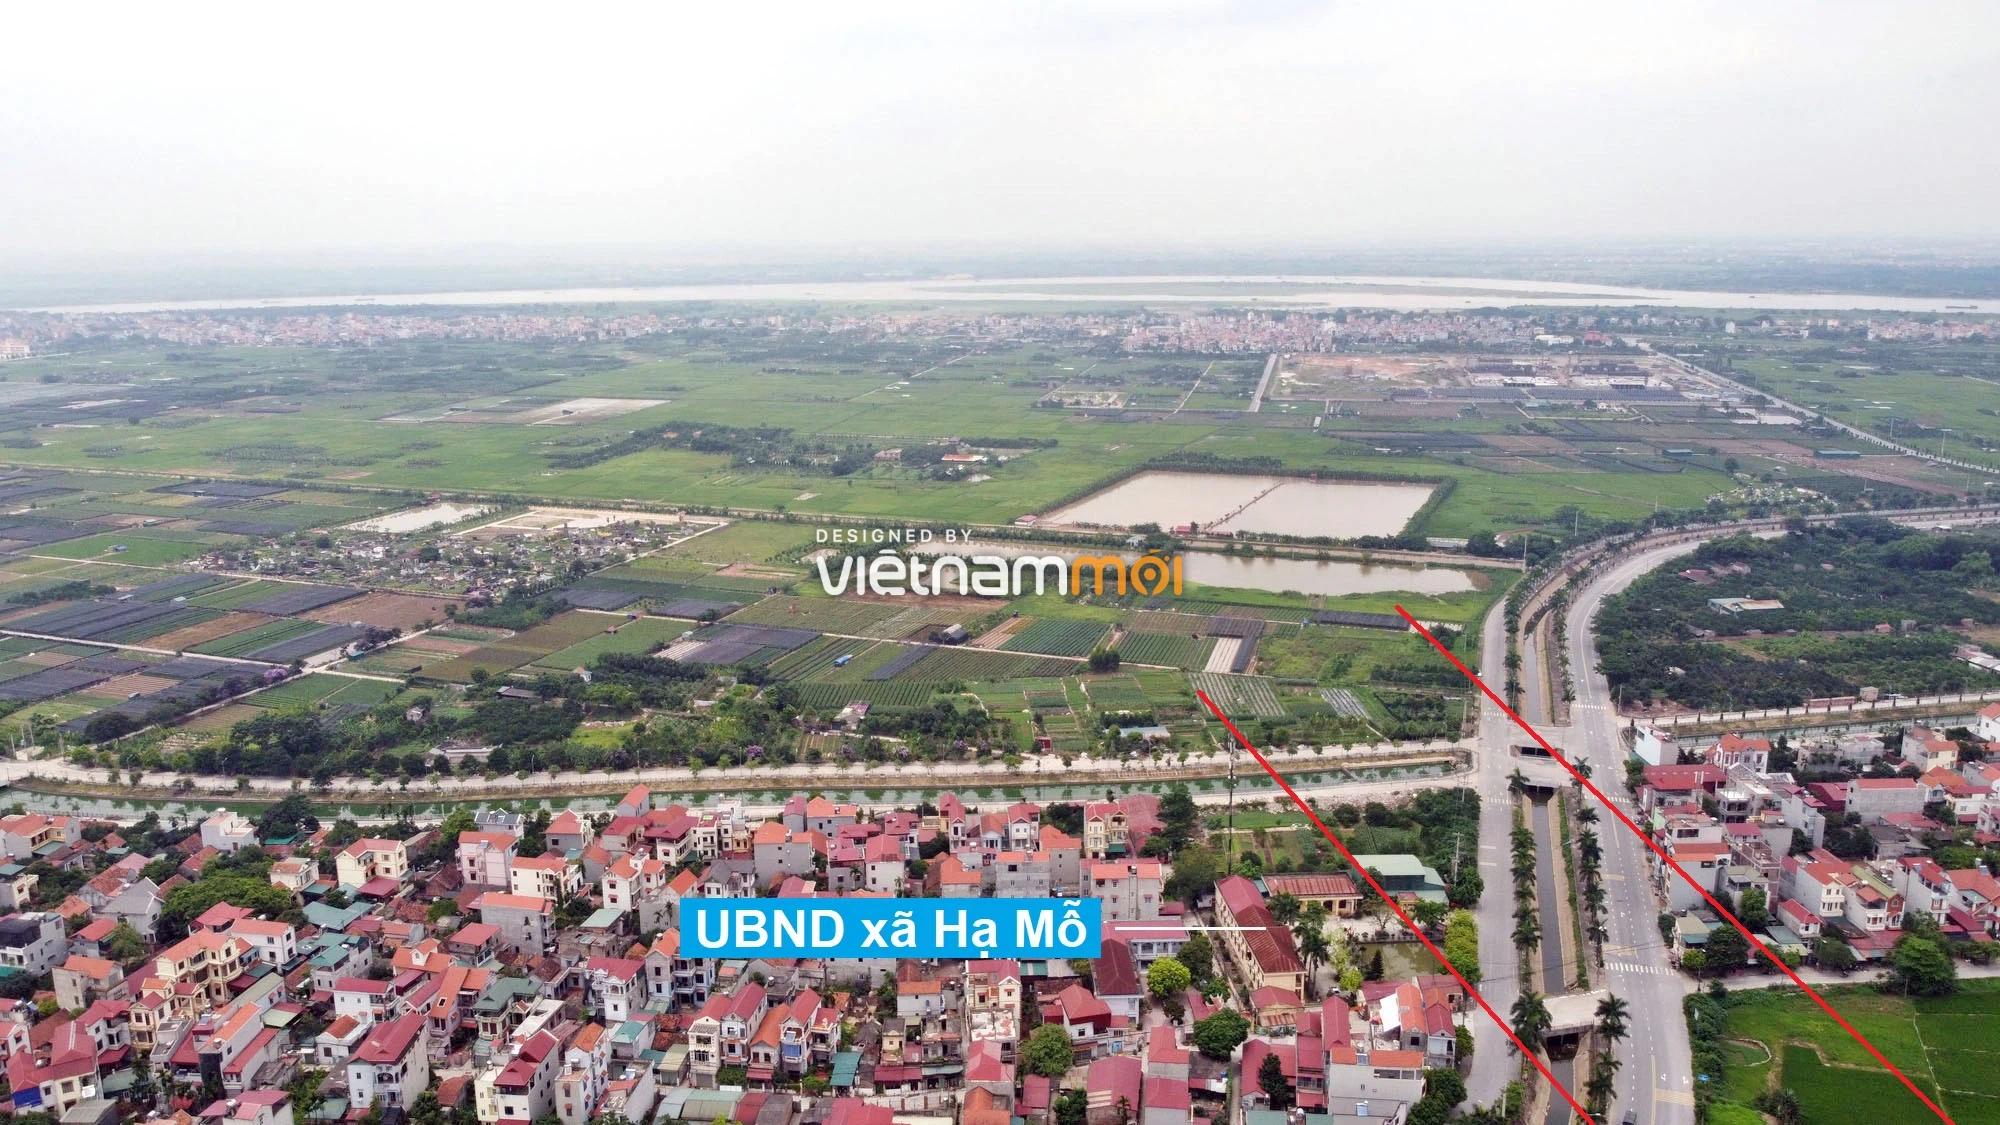 Toàn cảnh đường Vành đai 4 theo quy hoạch qua huyện Đan Phượng, Hà Nội - Ảnh 6.